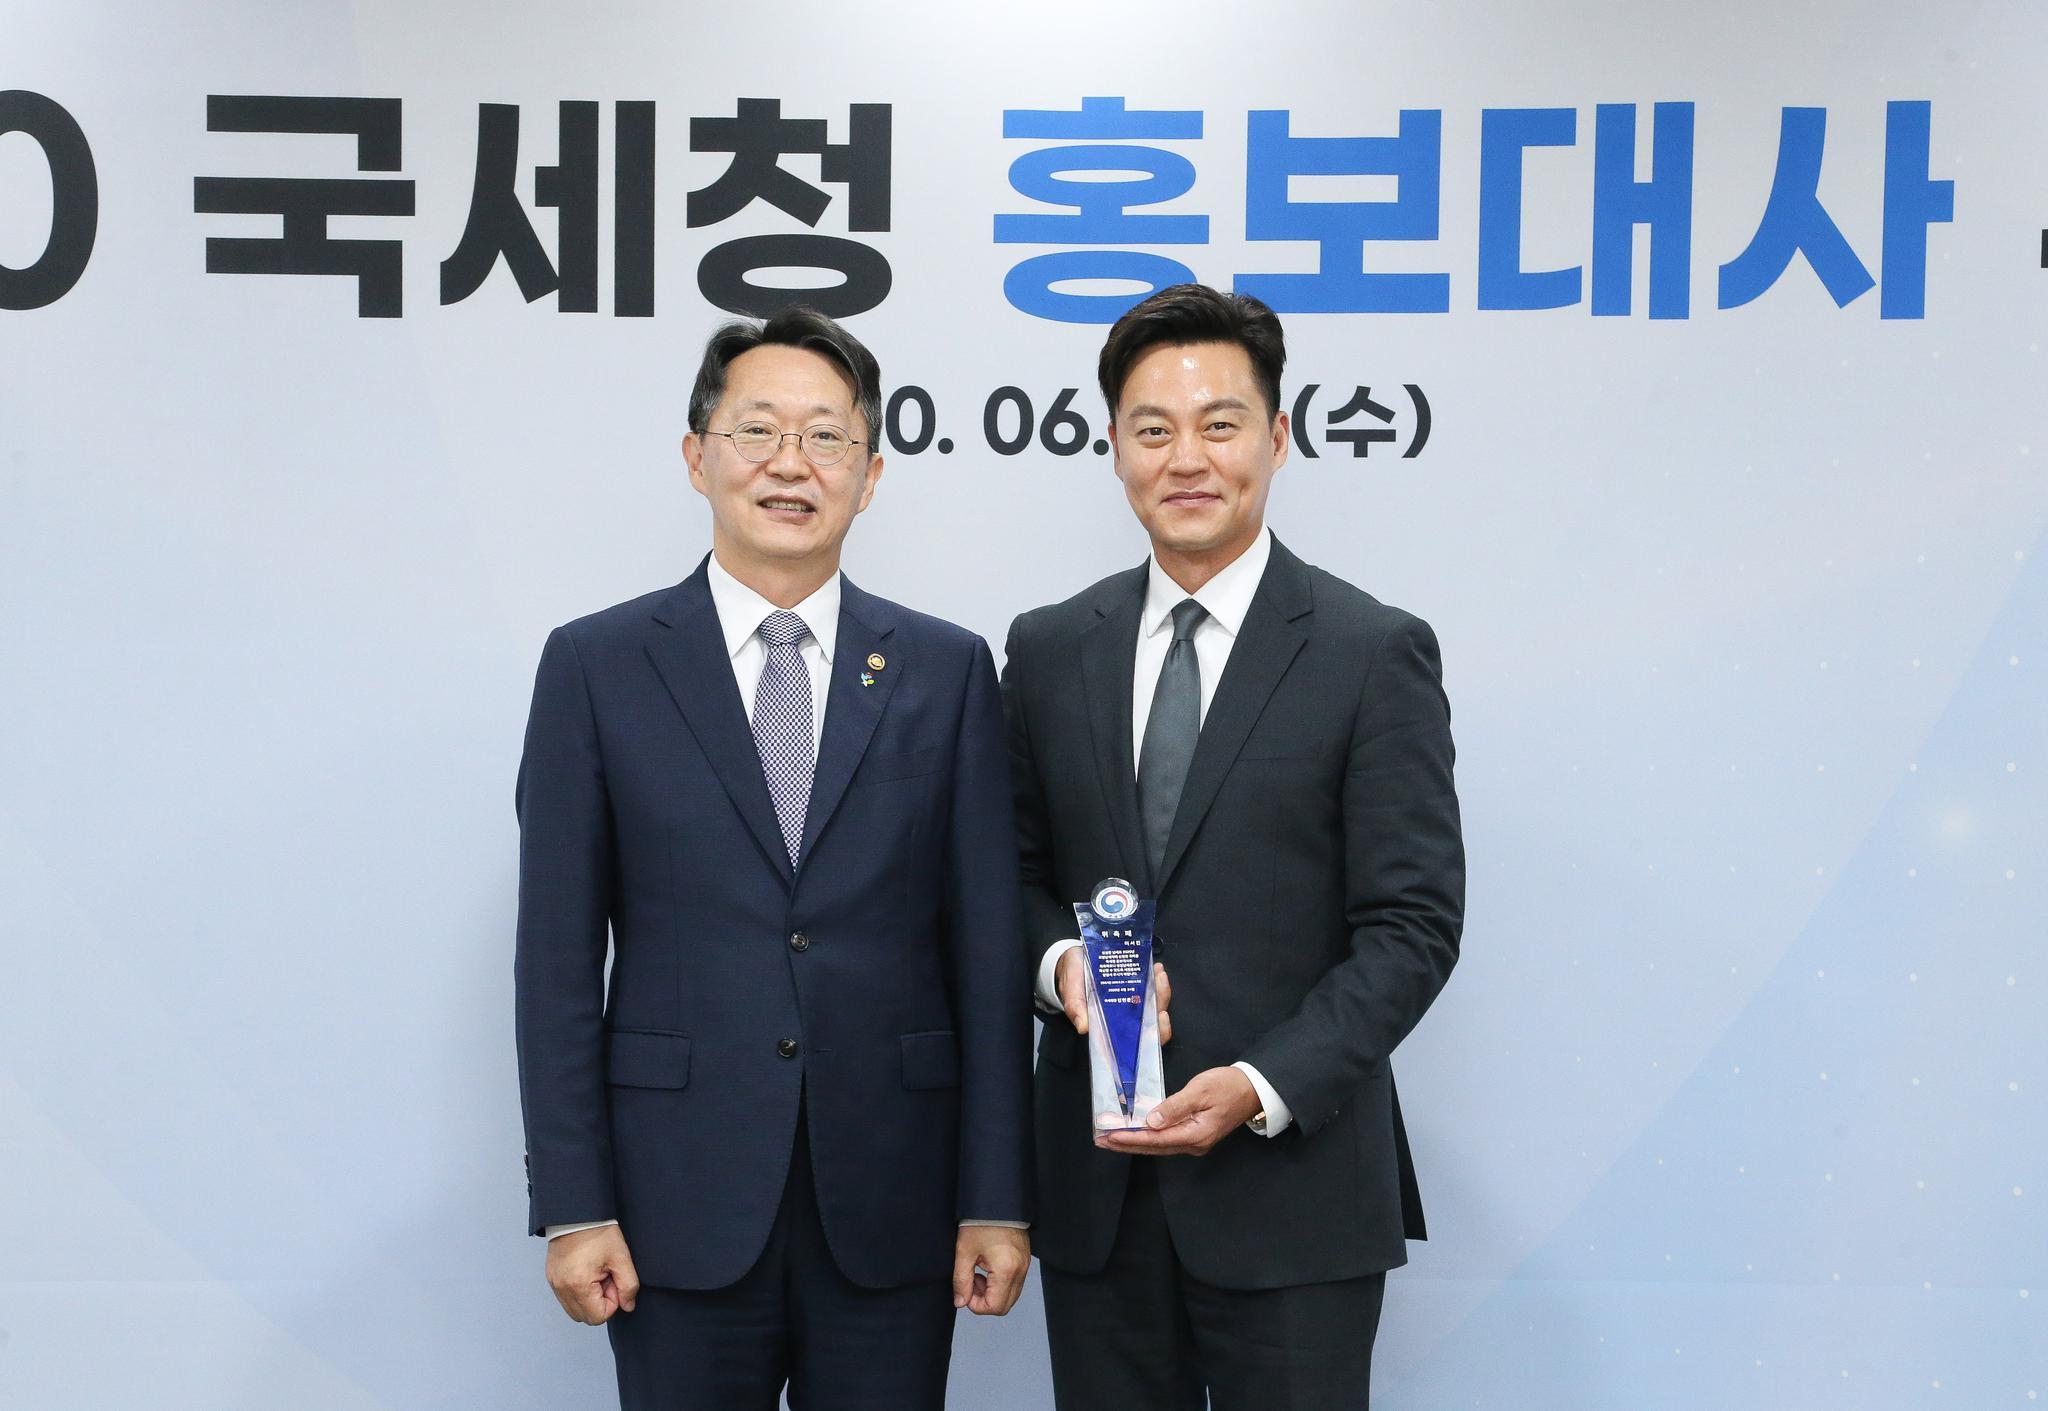 李瑞镇和IU被任命为国家税务局名誉大使